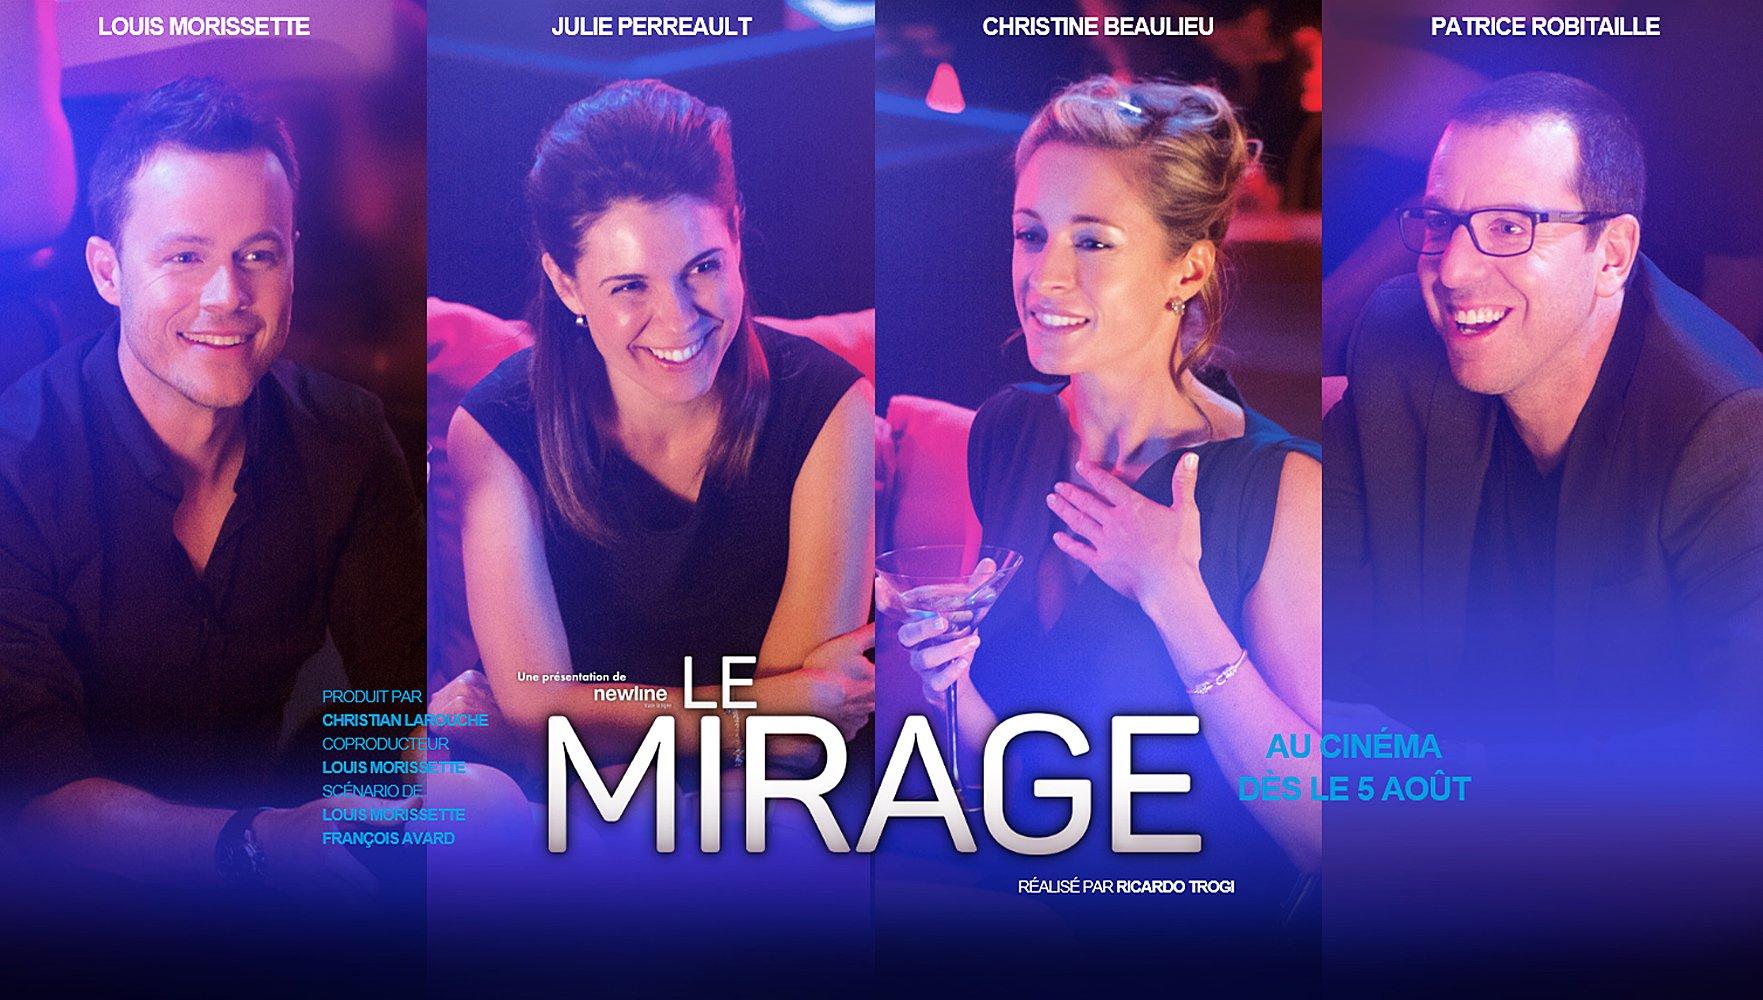 Le Mirage : une traversée du désert qui se termine par un miracle et non par... le titre du film!